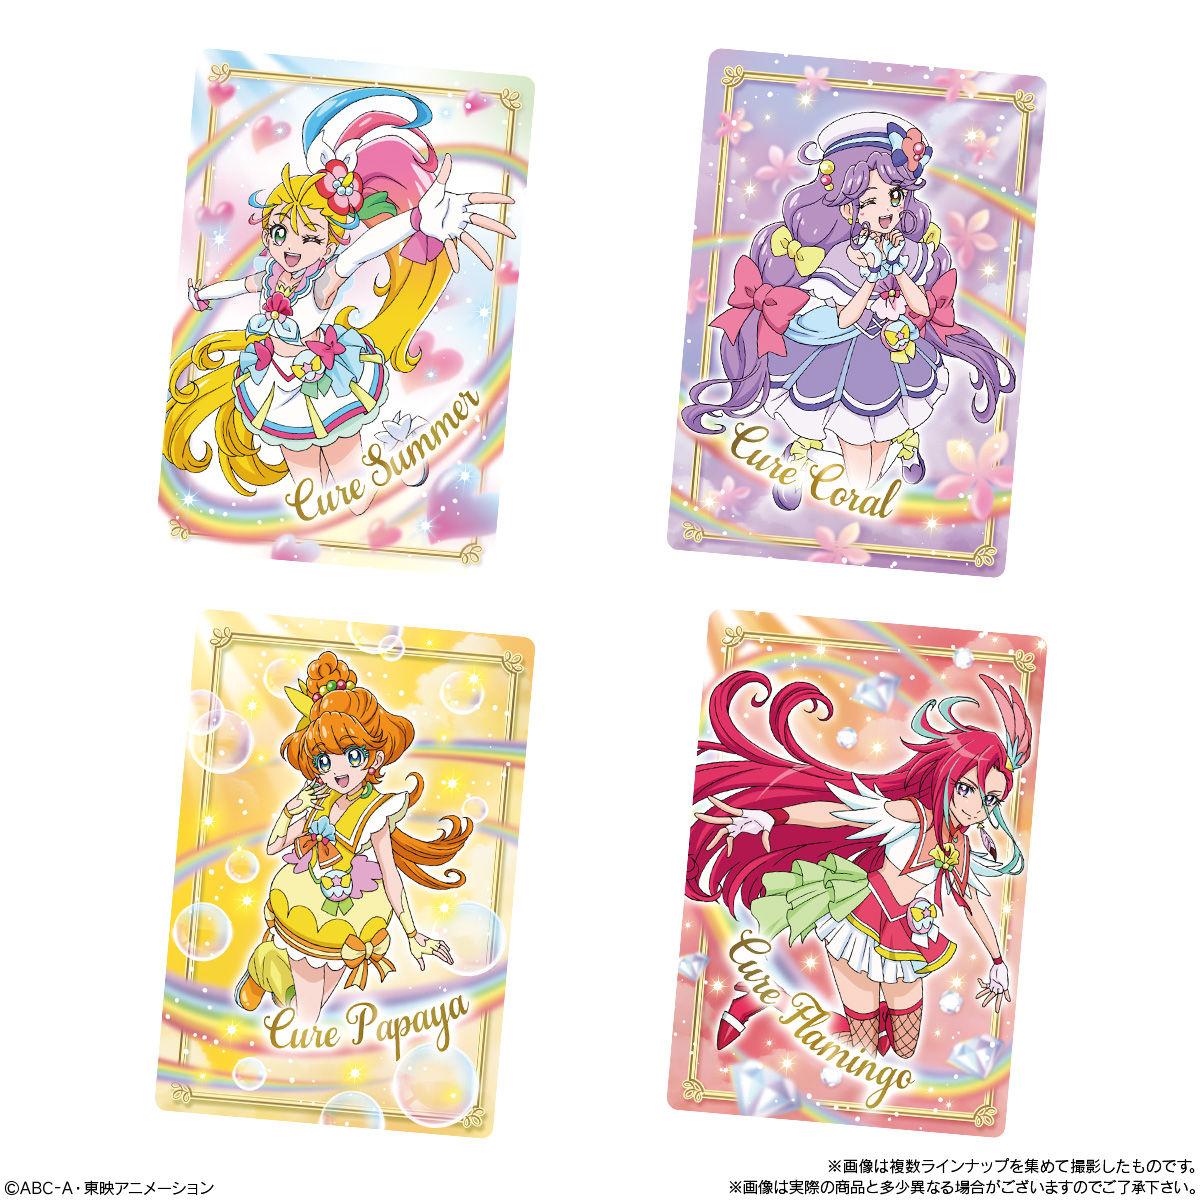 【食玩】プリキュア『プリキュアオールスターズ キラキラカードグミ』20個入りBOX-002